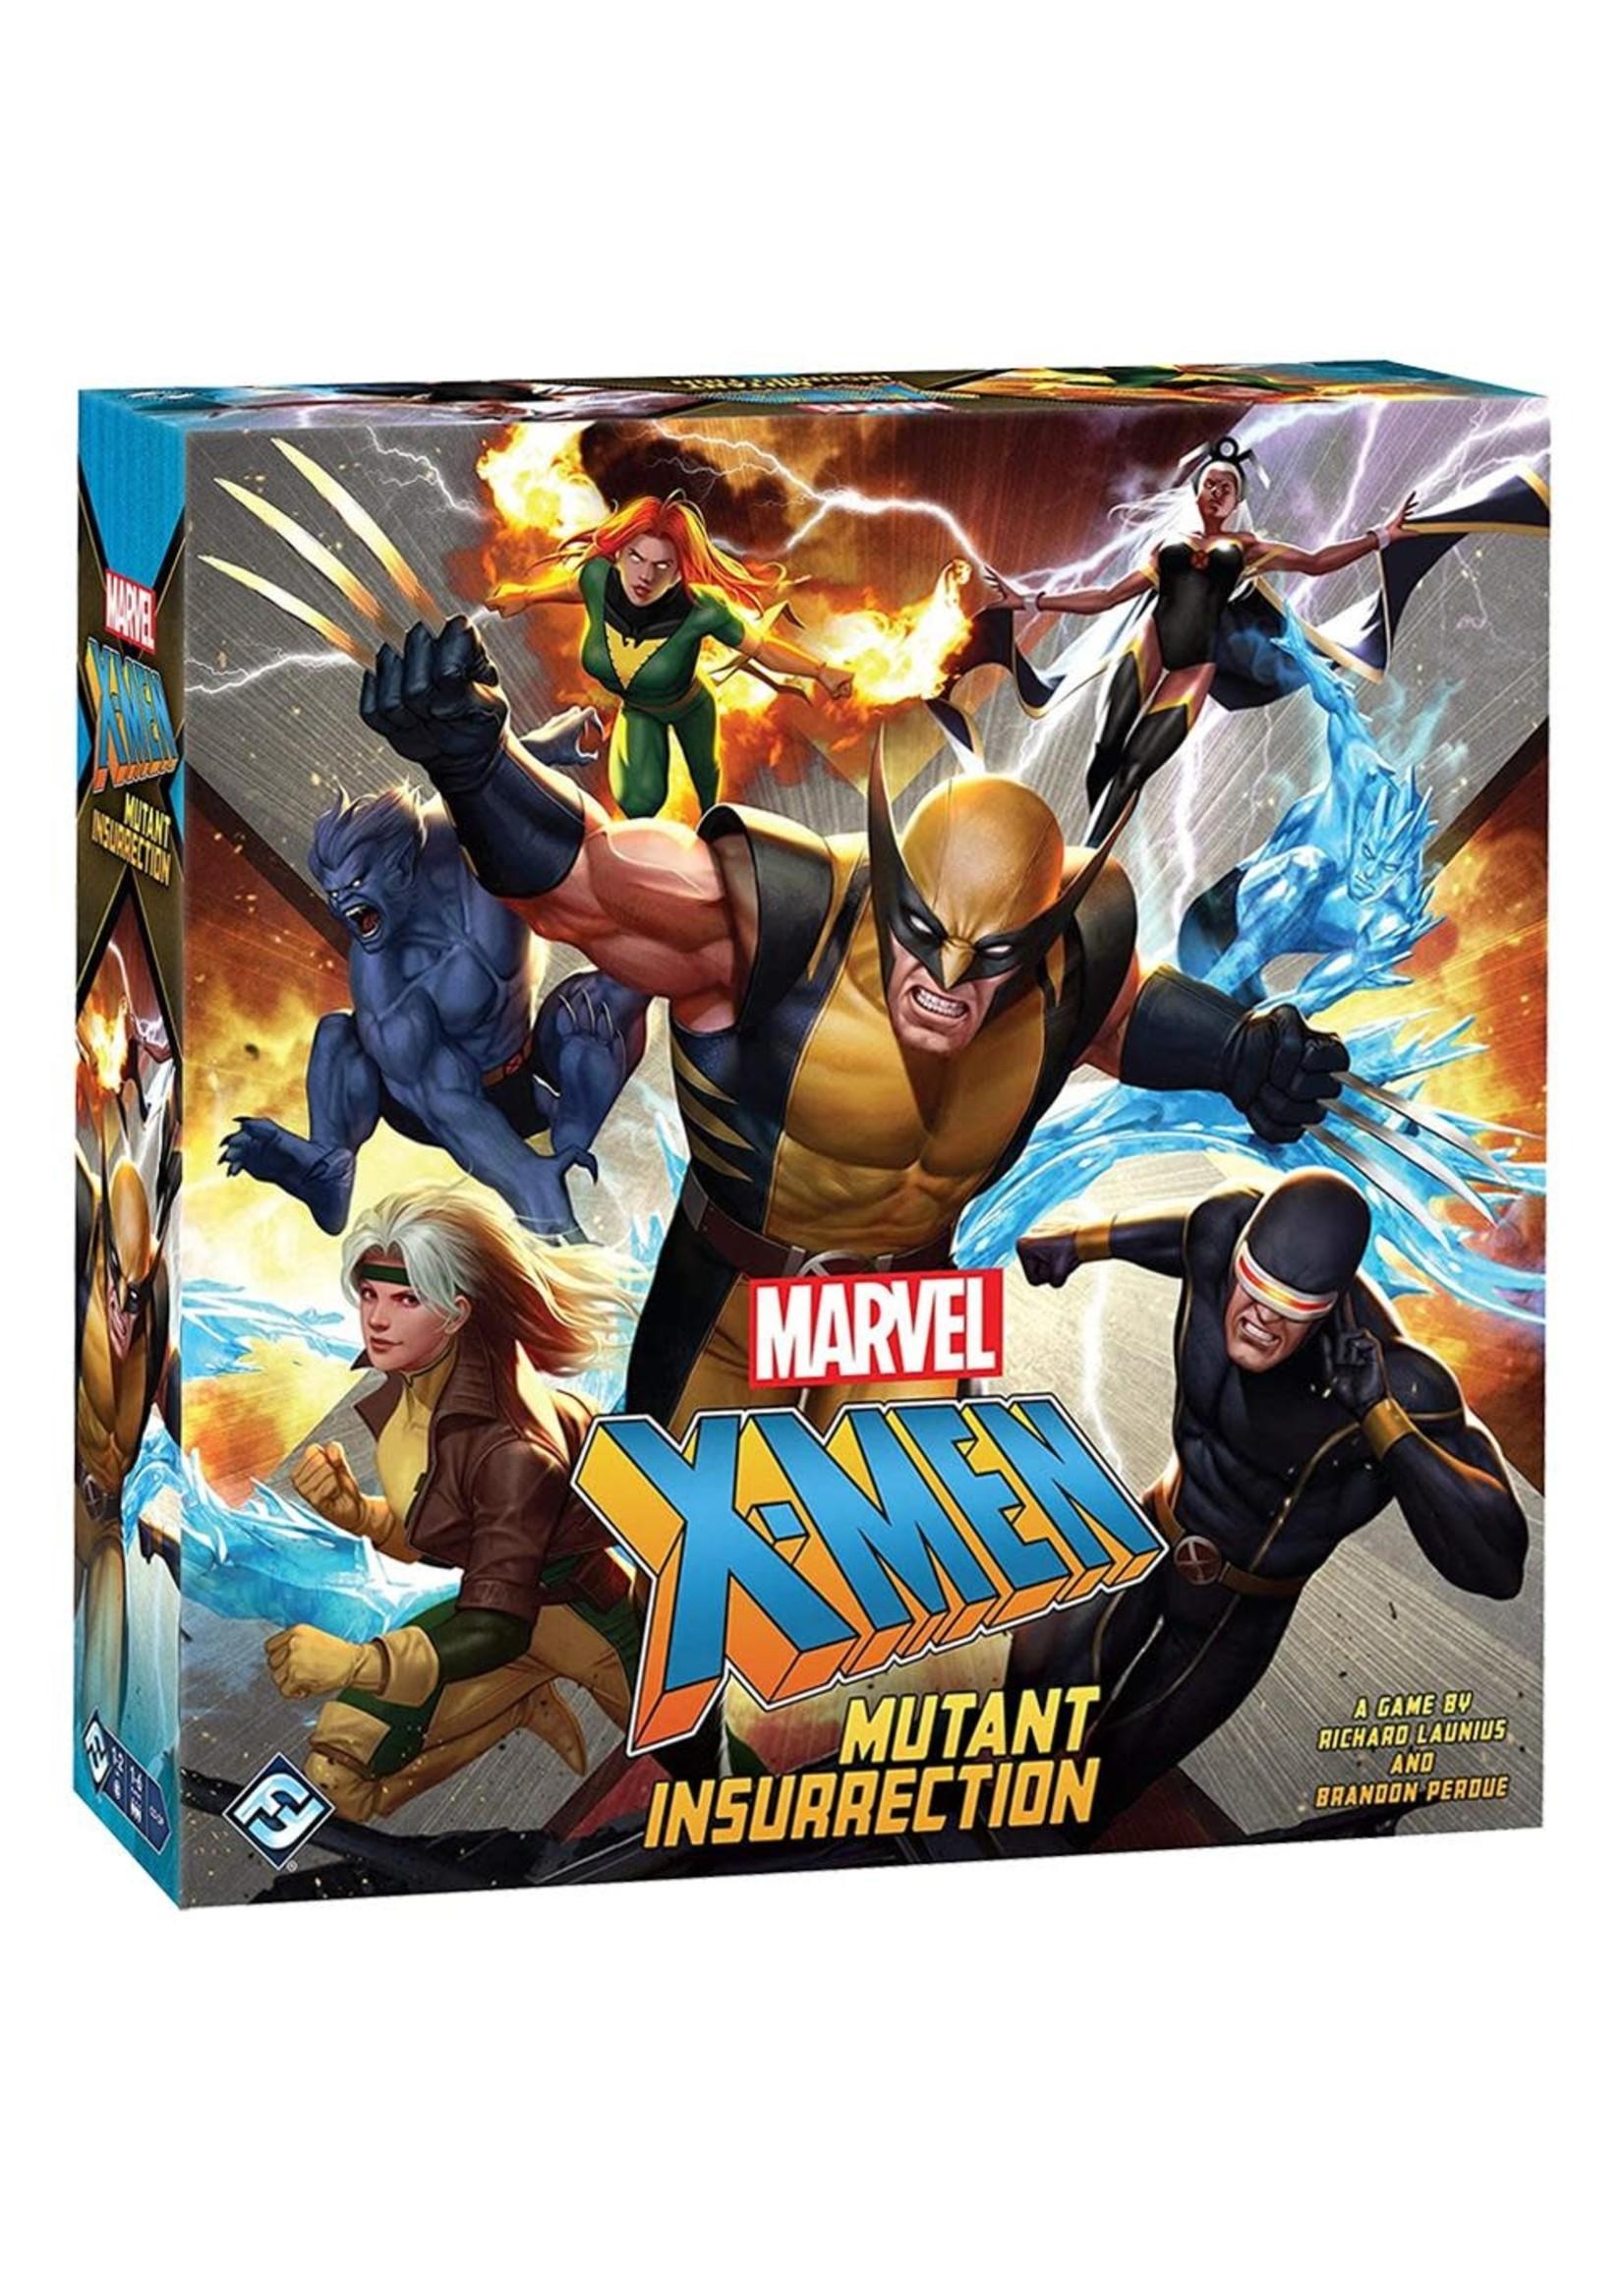 Marvel Xmen :Mutant Insurrection